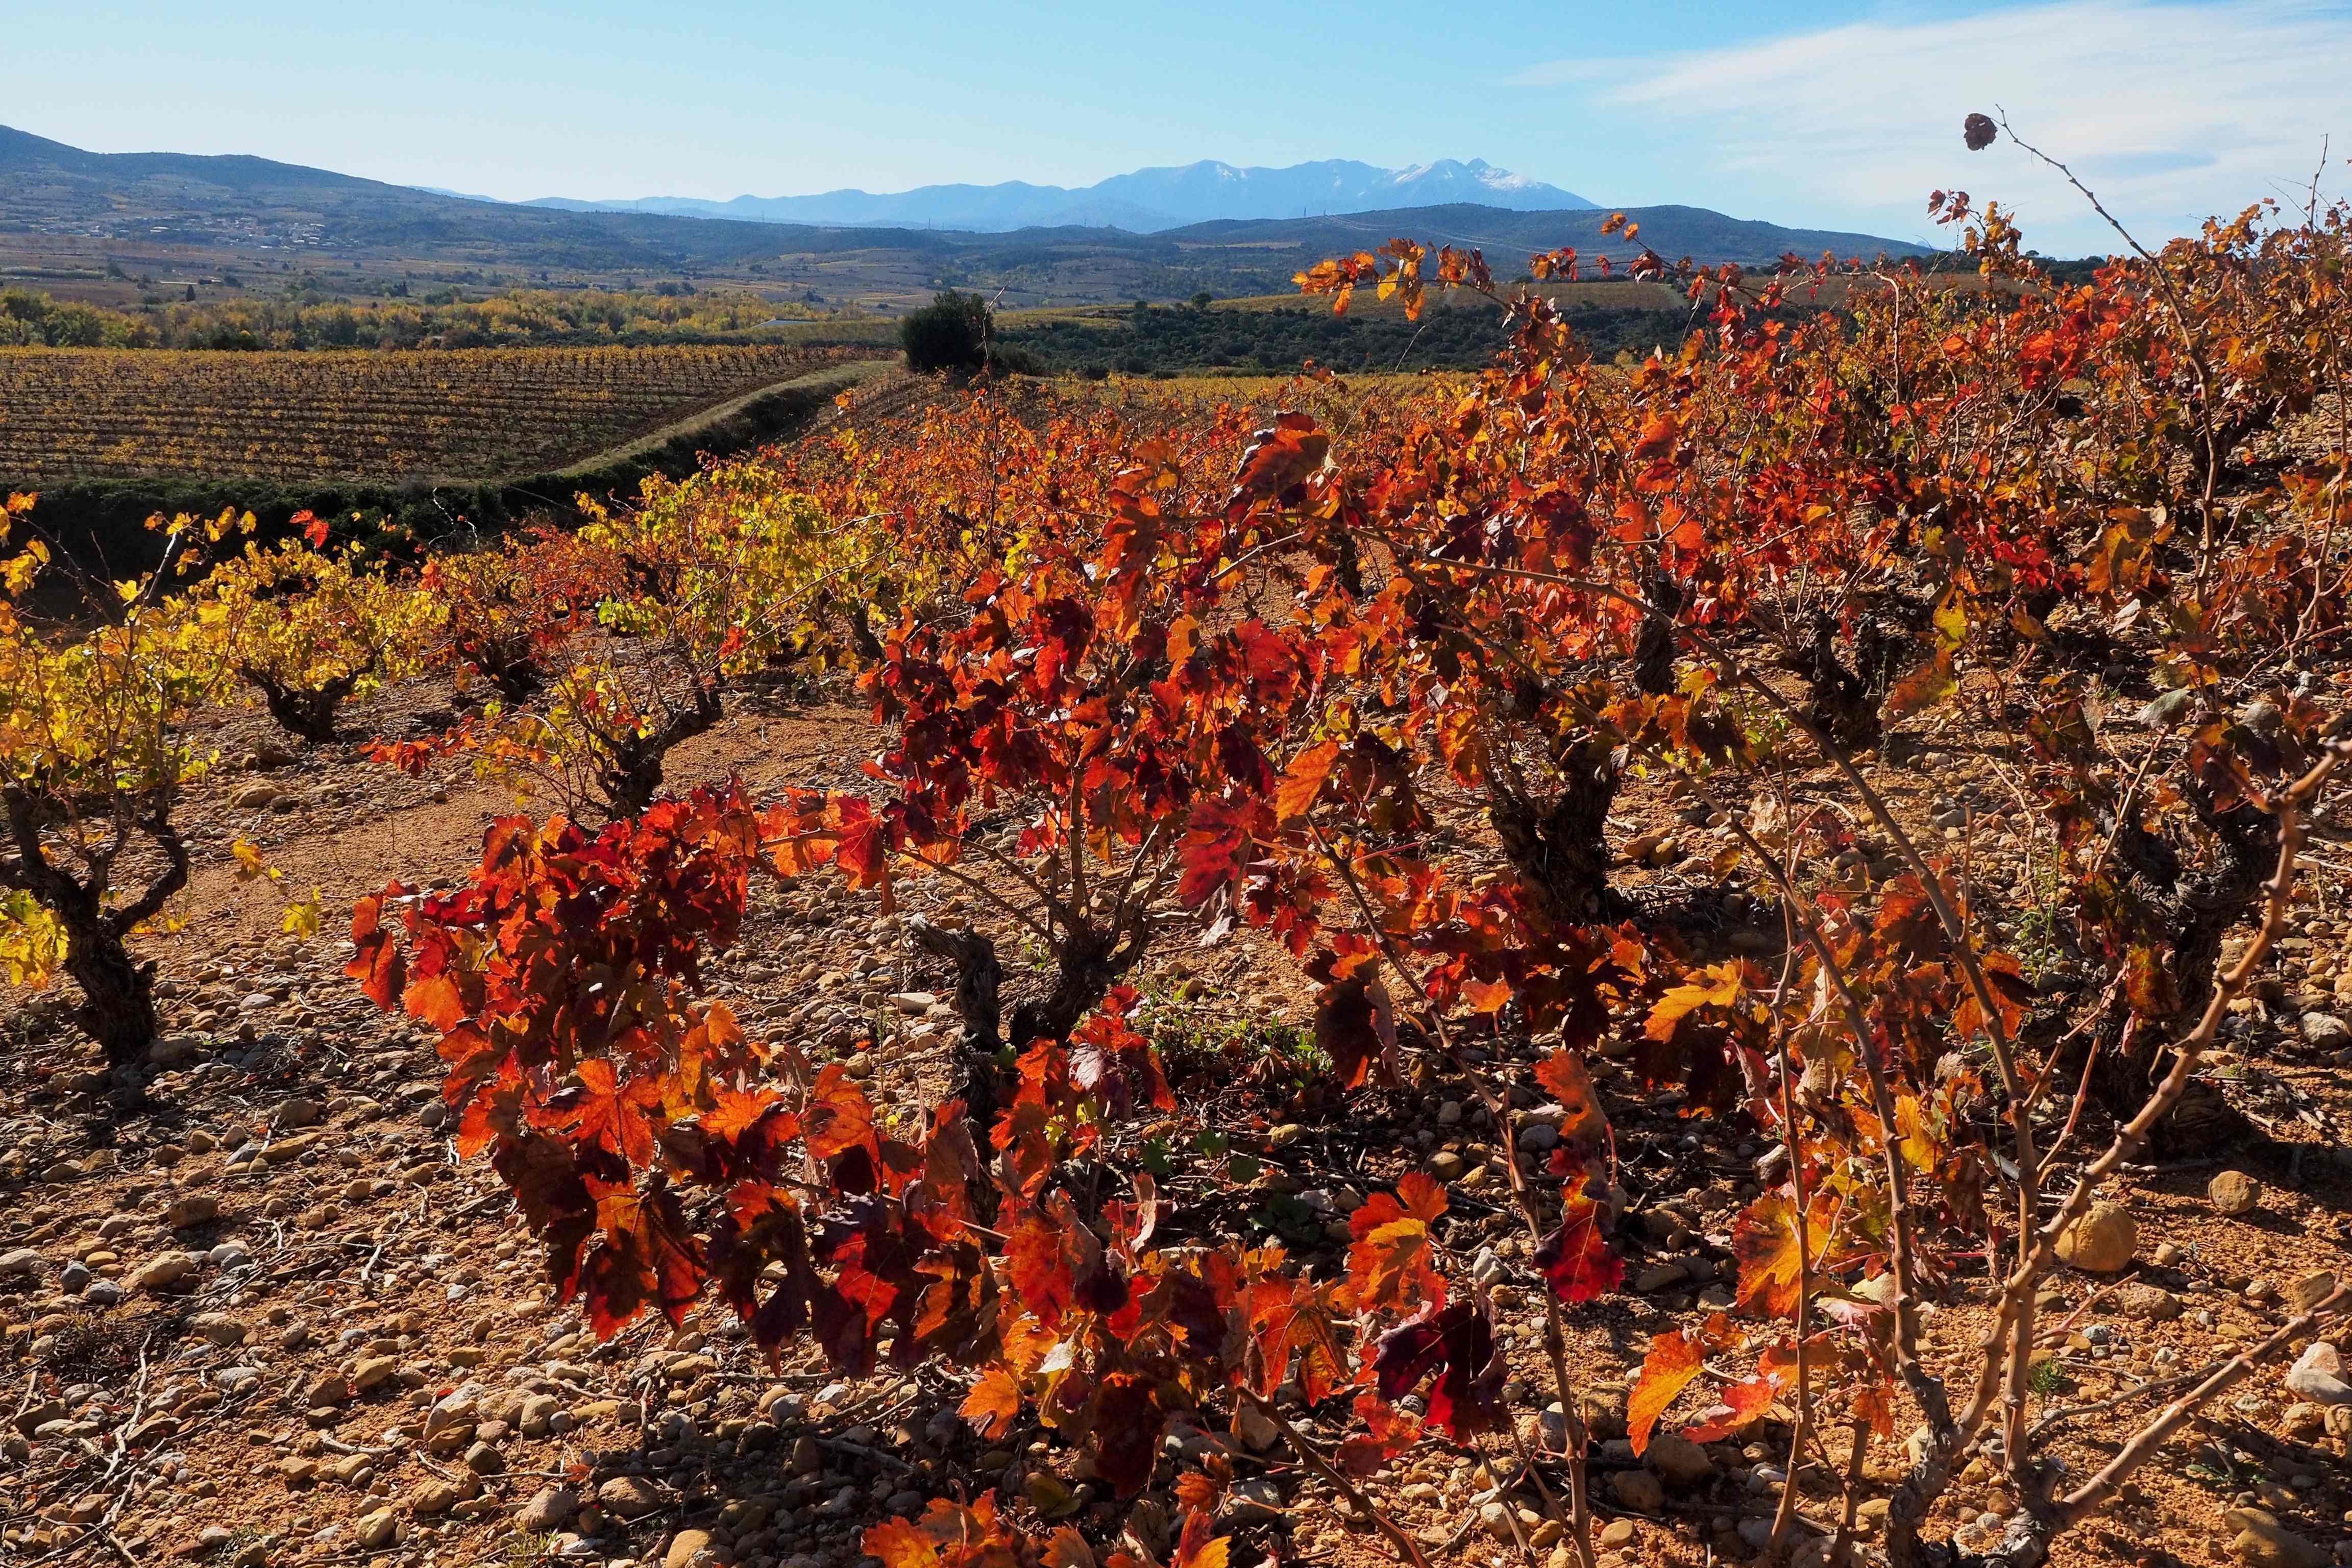 Il y aura moins de vin en 2019, en raison du gel et de la canicule